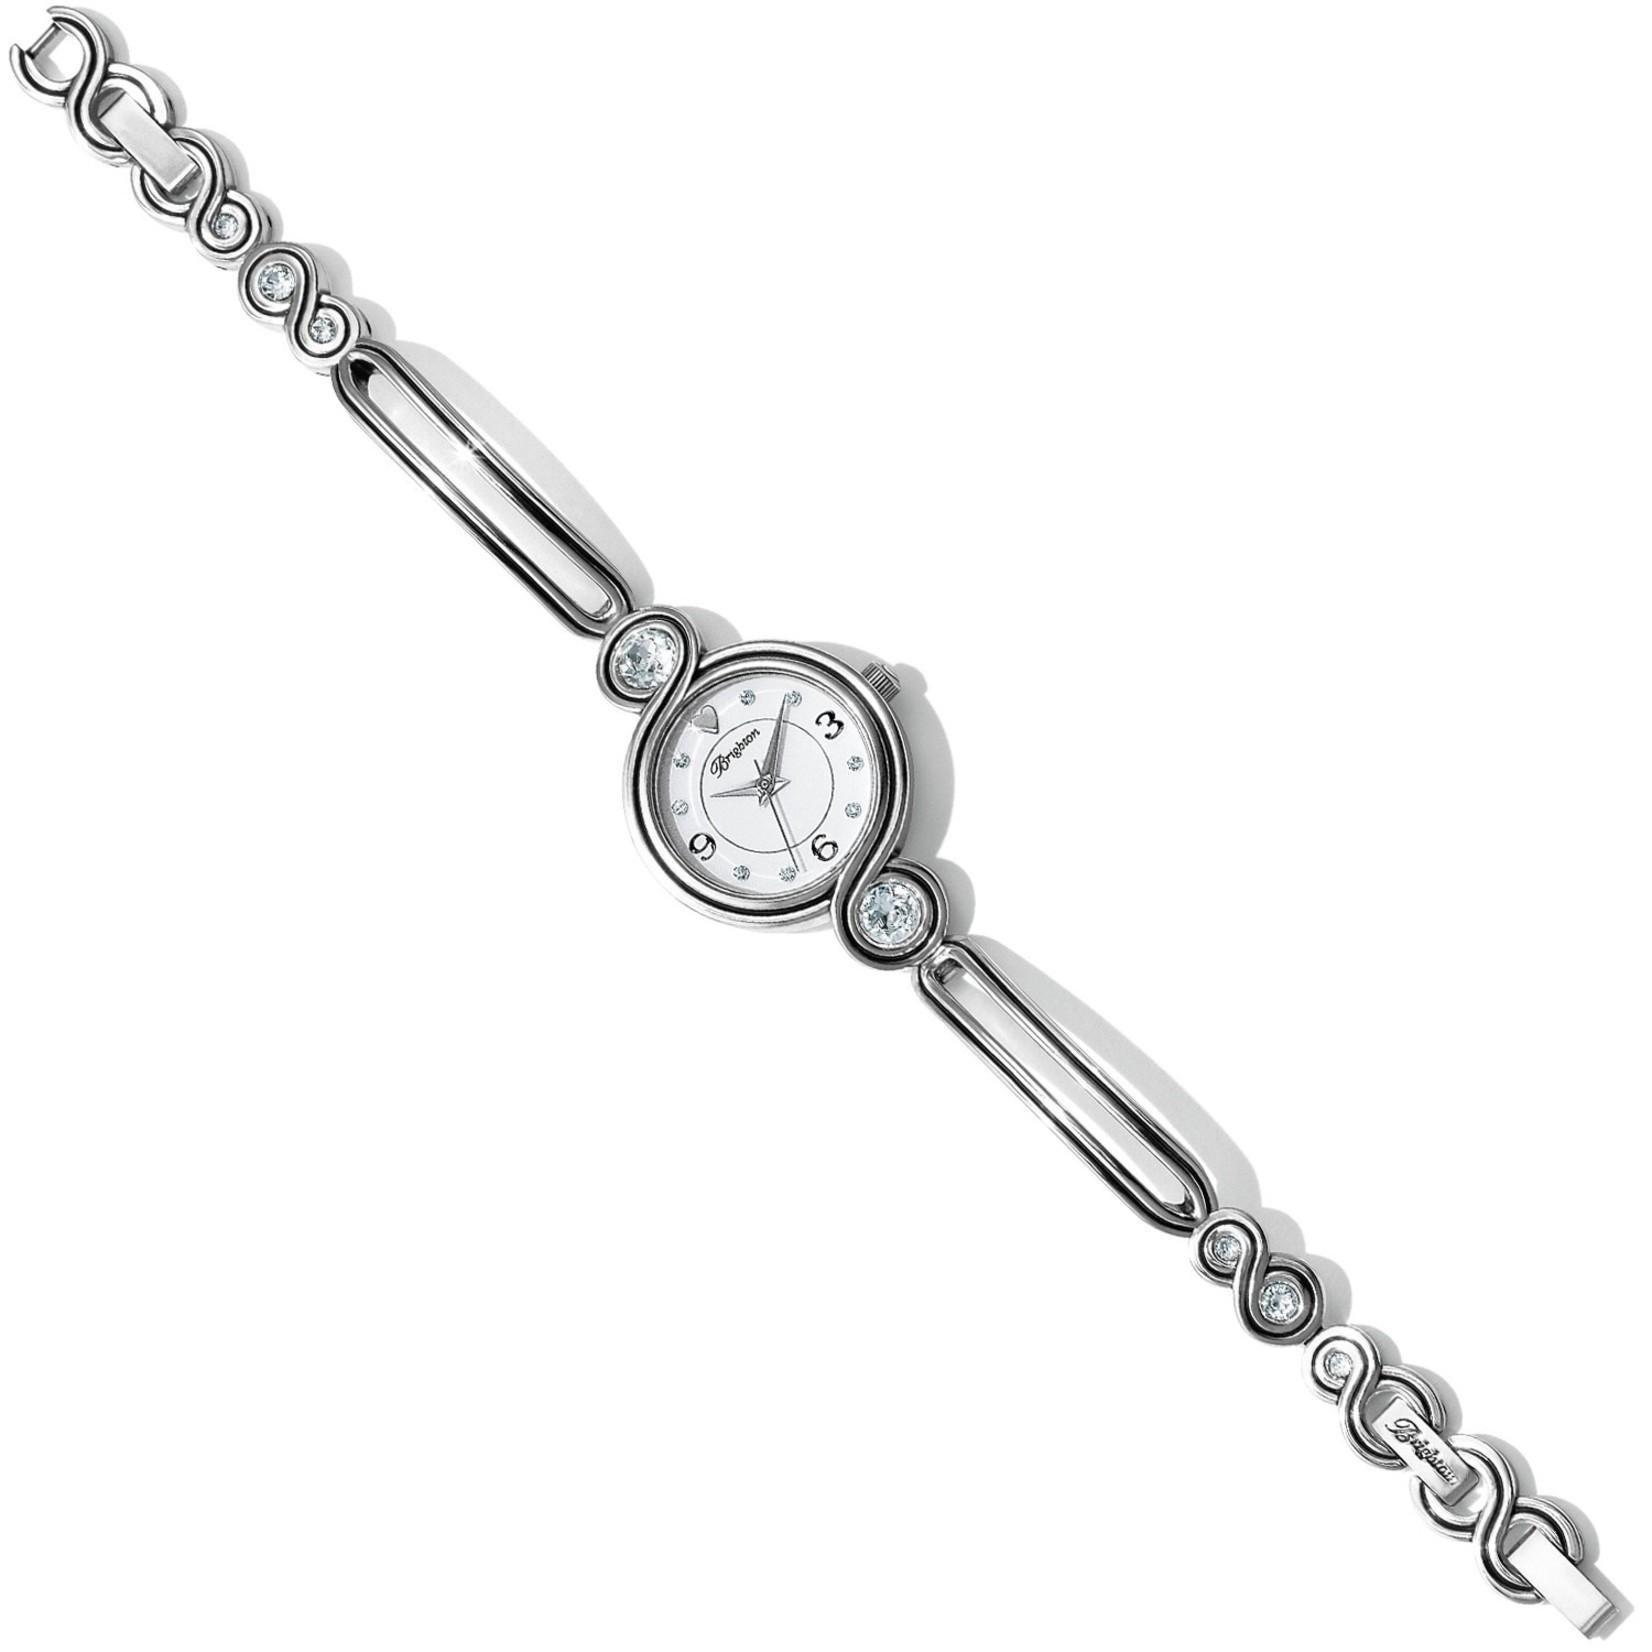 Brighton W10401 Infinity Sparkle Watch